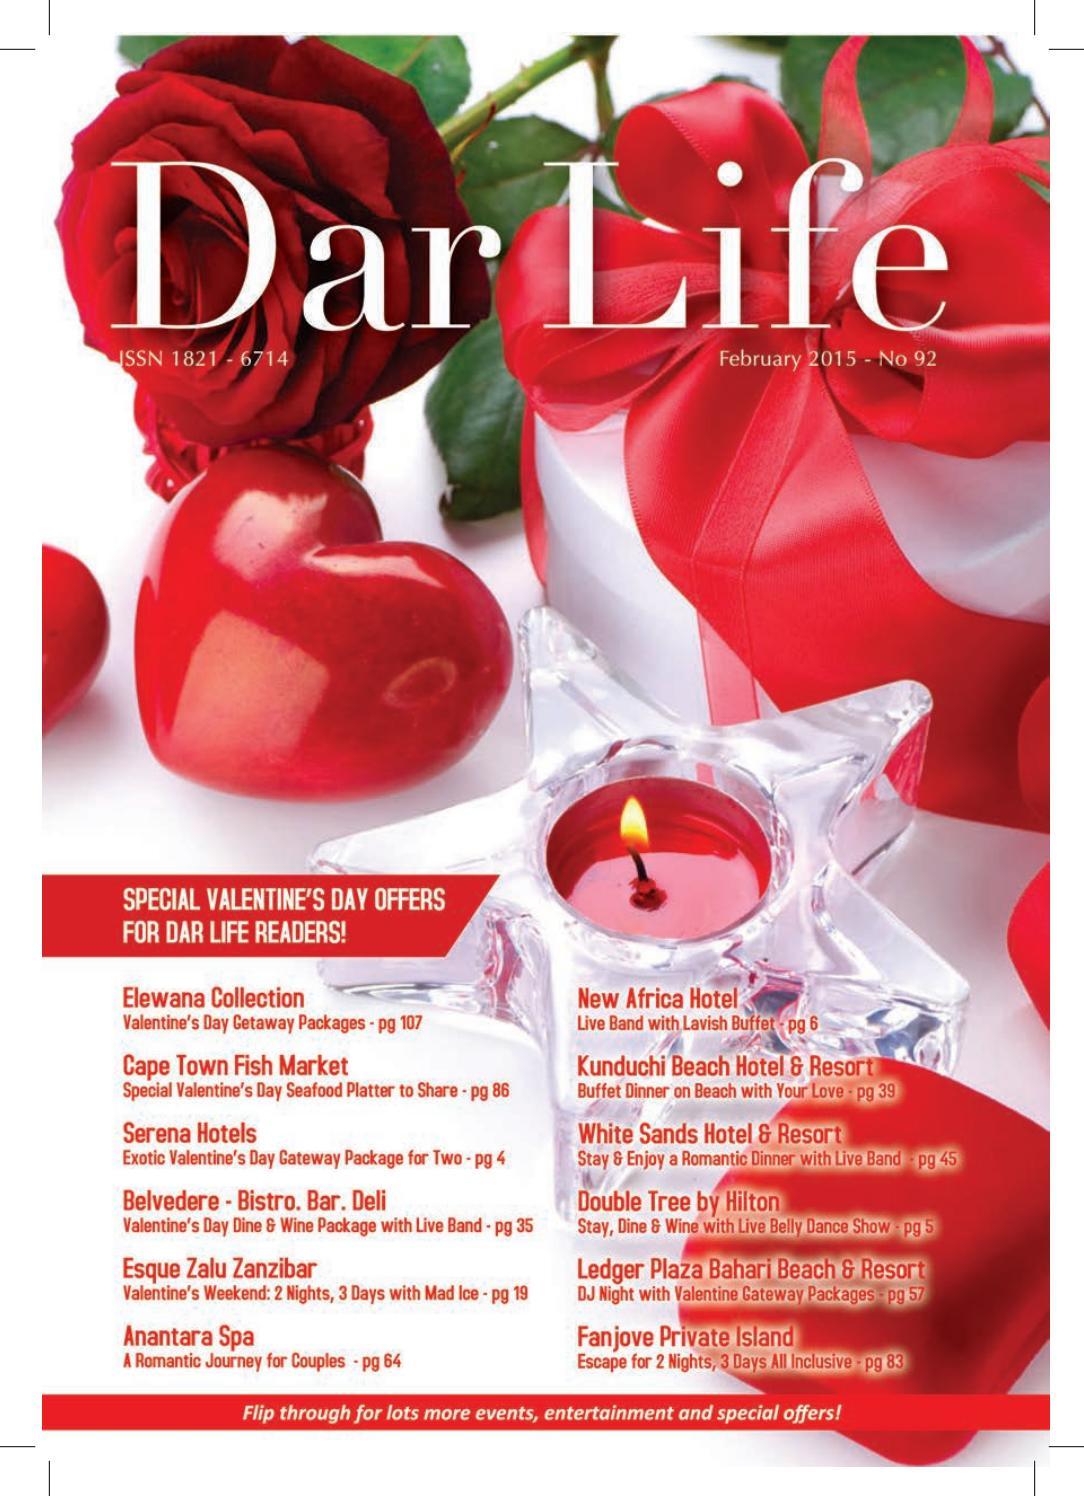 Dar life February 2015 issue by Dar Life Magazine - issuu